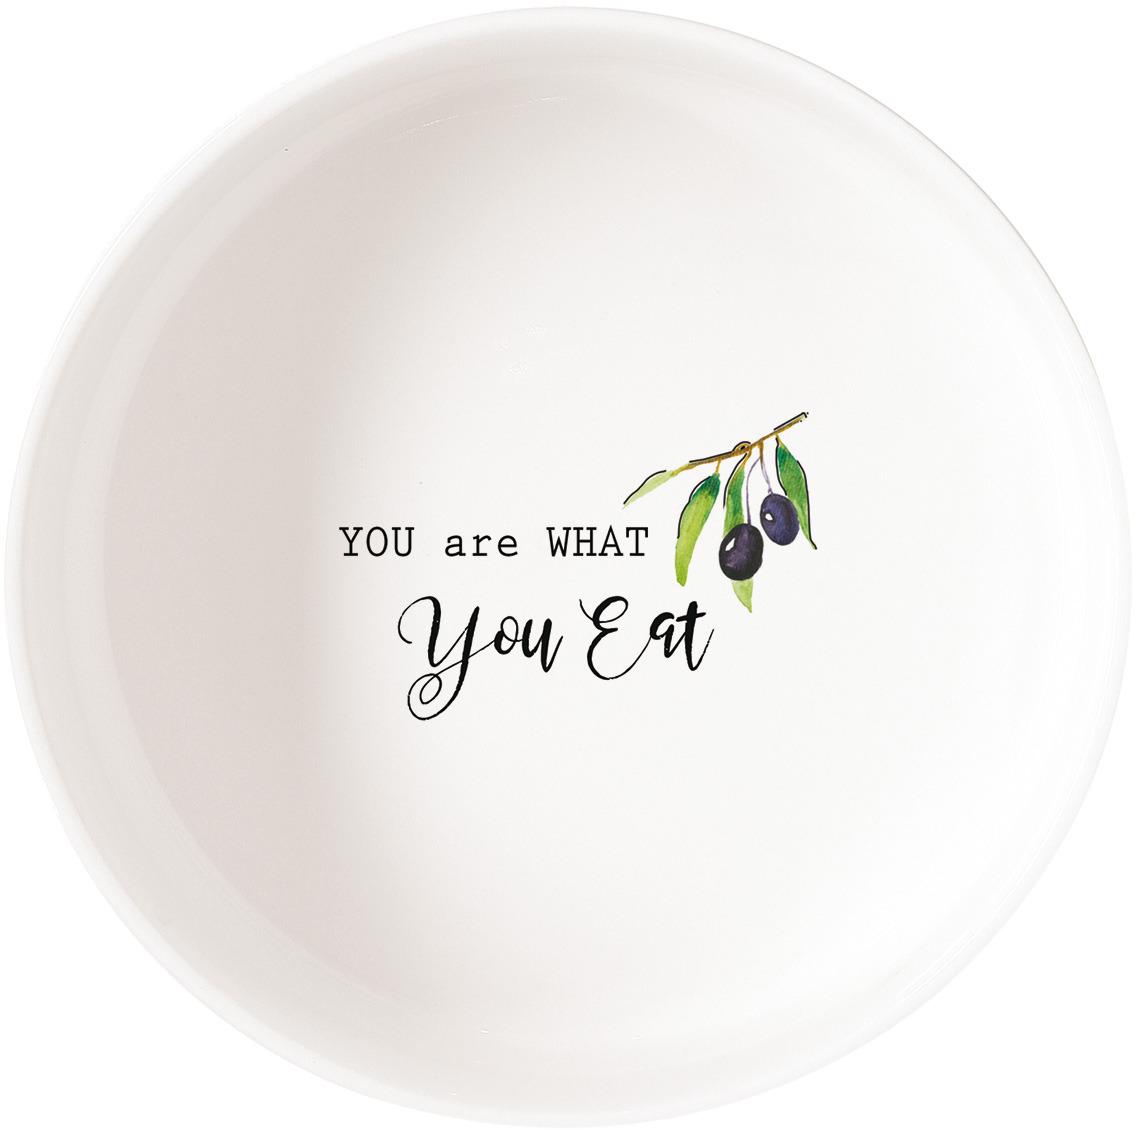 Итальянская компанияEasy Life(«Nuova R2S») - является лидером производства кухонной посуды и аксессуаров для дома в Италии. Центральный офис компании находится в Италии, производство расположено в Италии и Китае.  Концепция выпускаемой продукции заключается в создании единой дизайнерской линии предметов сервировки стола, оформления интерьера кухни или столовой комнаты. Вся продукция производится из современных и экологически чистых материалов: фарфора, стекла, пластика и дерева. Продукция компанииEasy Life(«Nuova R2S») отличается современным дизайном, и легкостью в эксплуатации. Компания работает в тесном сотрудничестве с лучшими итальянскими художниками и дизайнерами. Важным преимуществом этой фабрики, является оригинальная подарочная упаковка. Продукция компанииEasy Life(«Nuova R2S») не только современный подарок и украшение для Вашего дома, но и всегда неисчерпаемое количество идей на Вашей кухне.